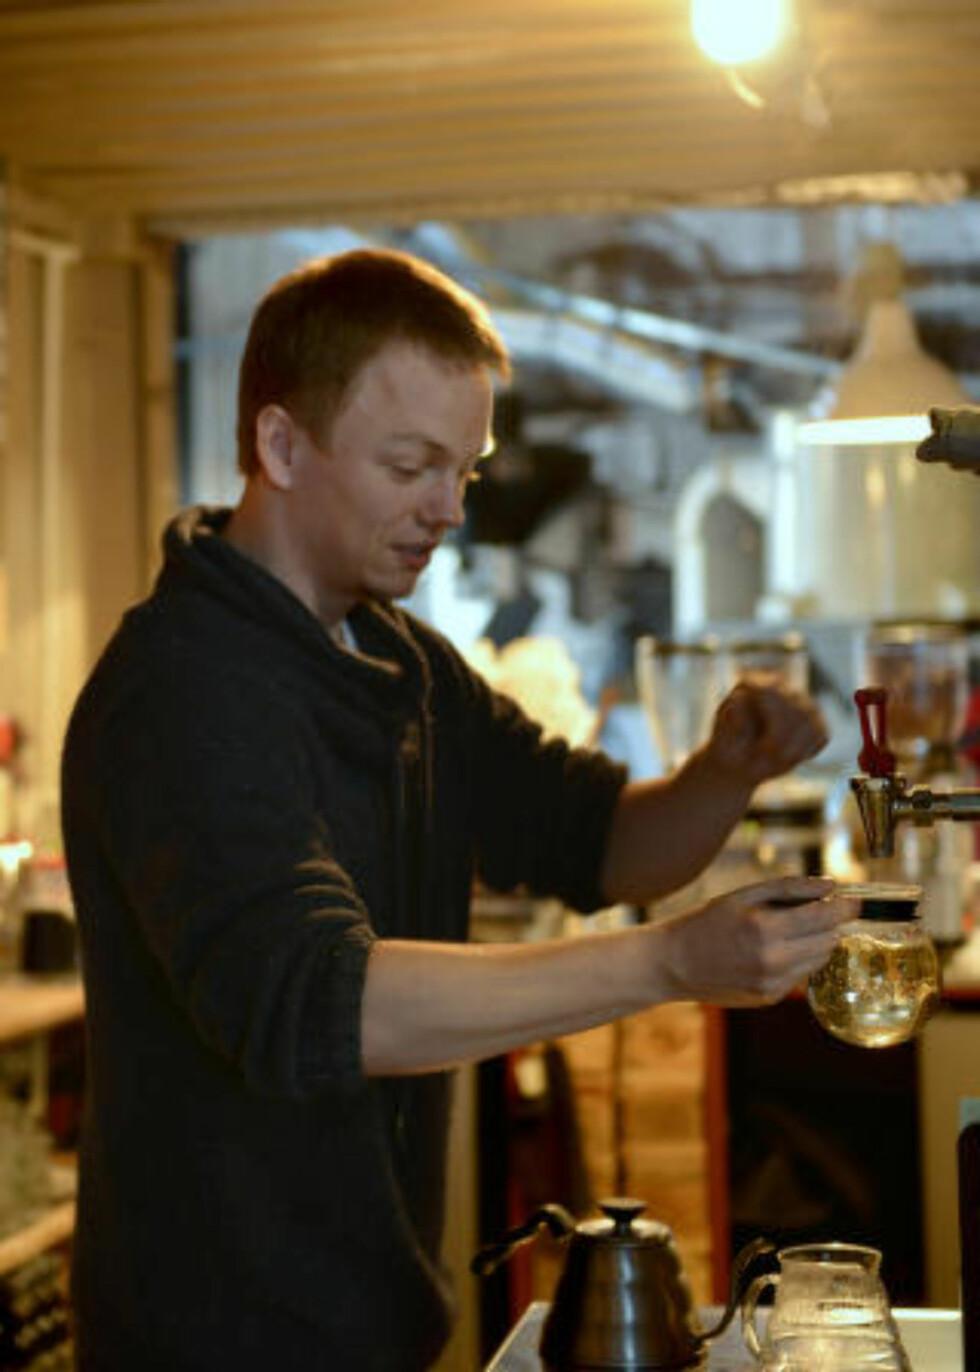 <strong>INGEN TILFELDIGHETER:</strong> Michal Pluta elsker å lage kaffe, og trives best med kravstore gjester. Det passer bra når du jobber i «kaffetempelet» Coffee Cargo. Foto: GJERMUND GLESNES